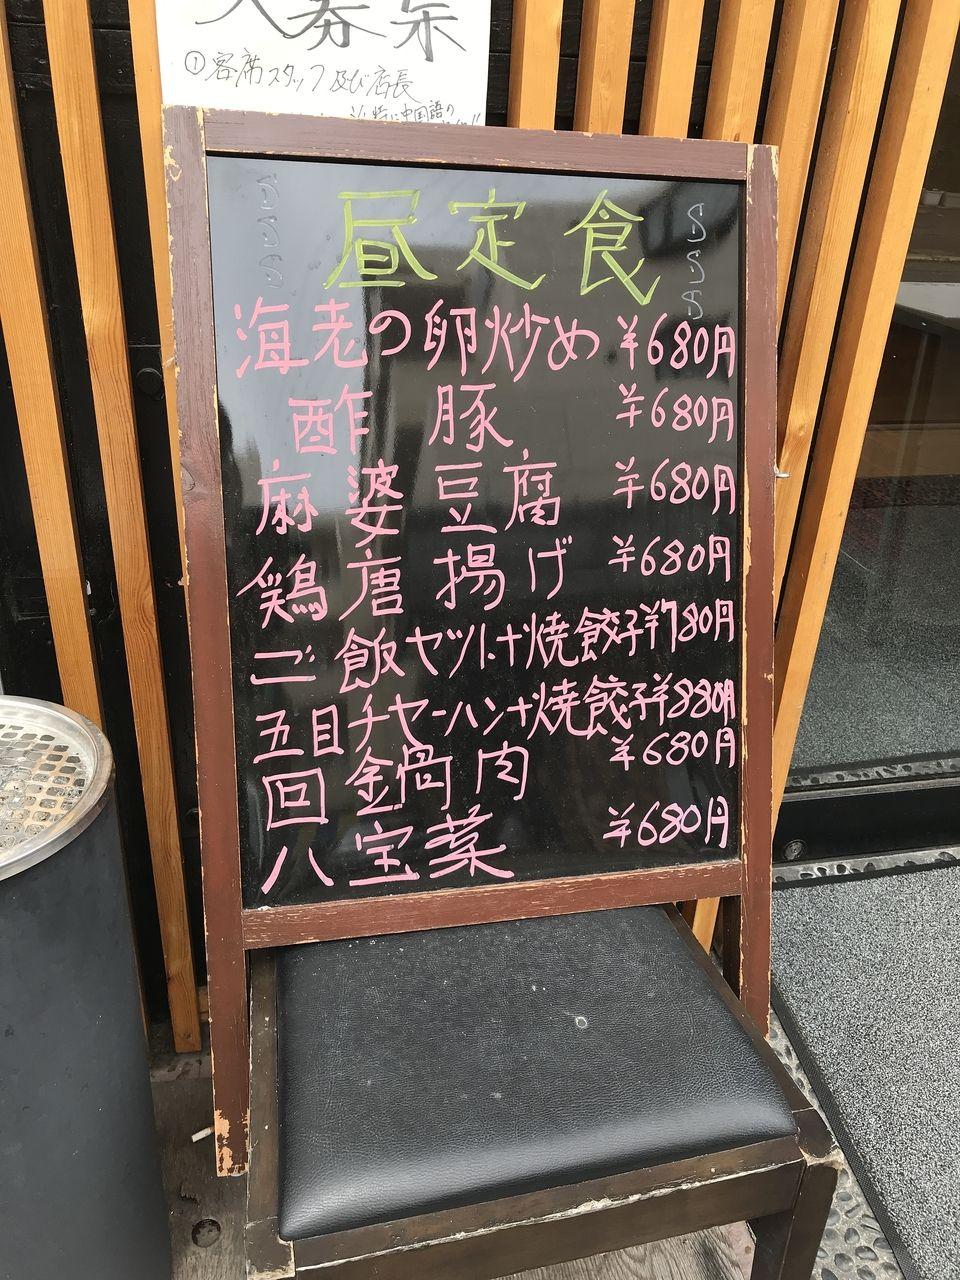 行徳のハルビン餃子のメニュー表